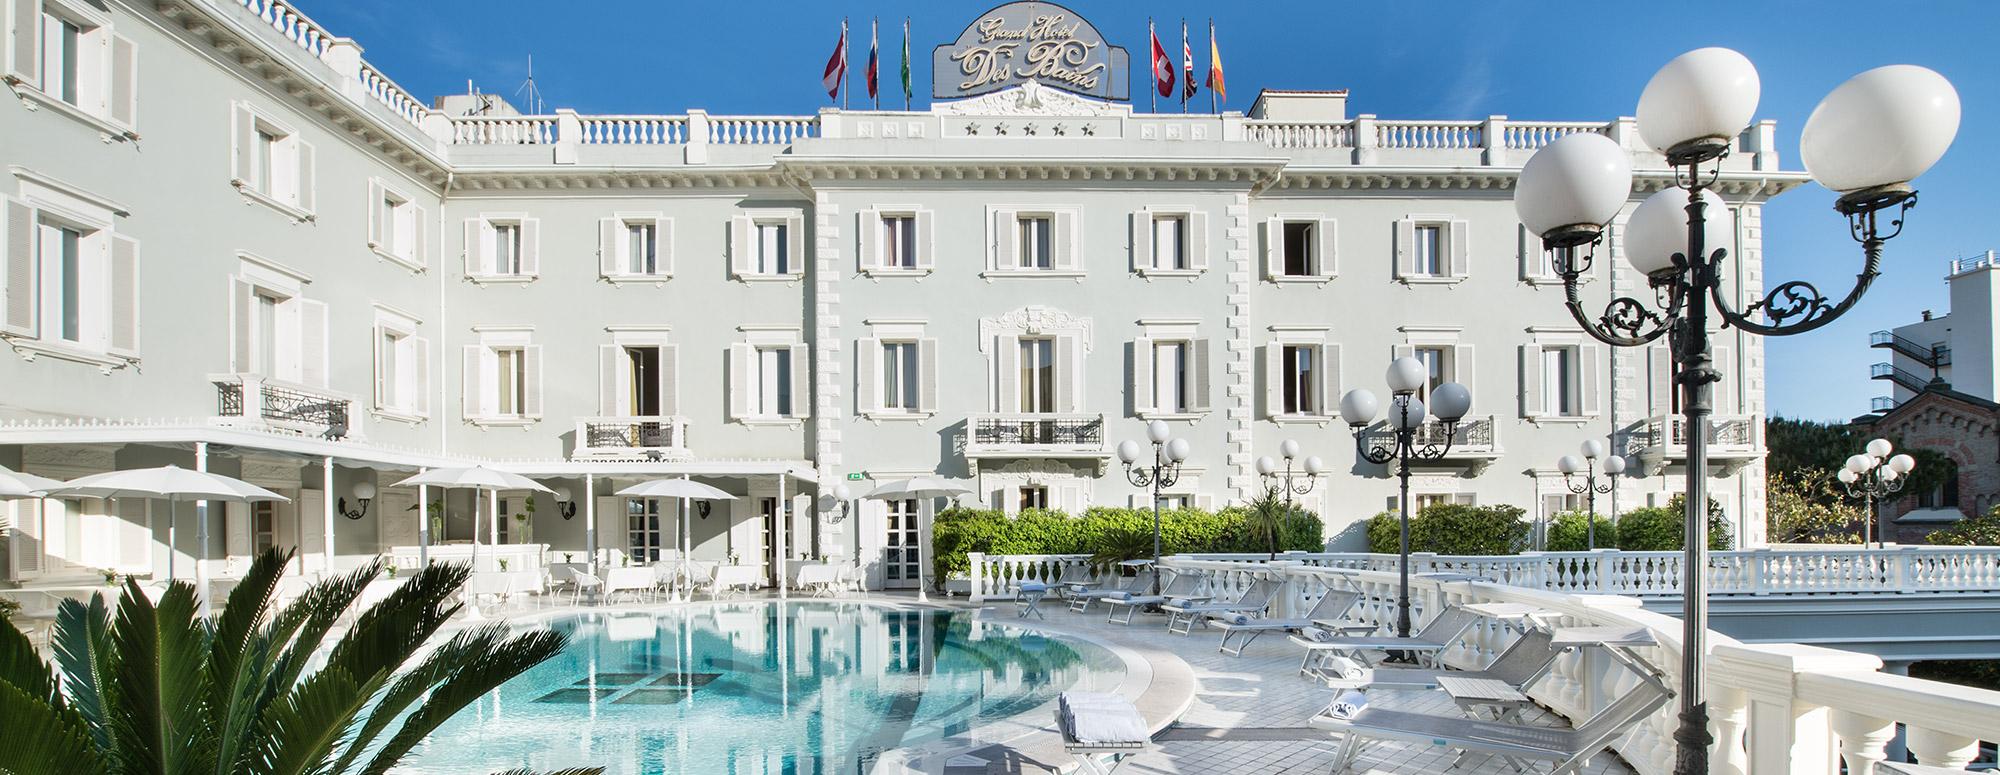 Hotel De Bains Riccione